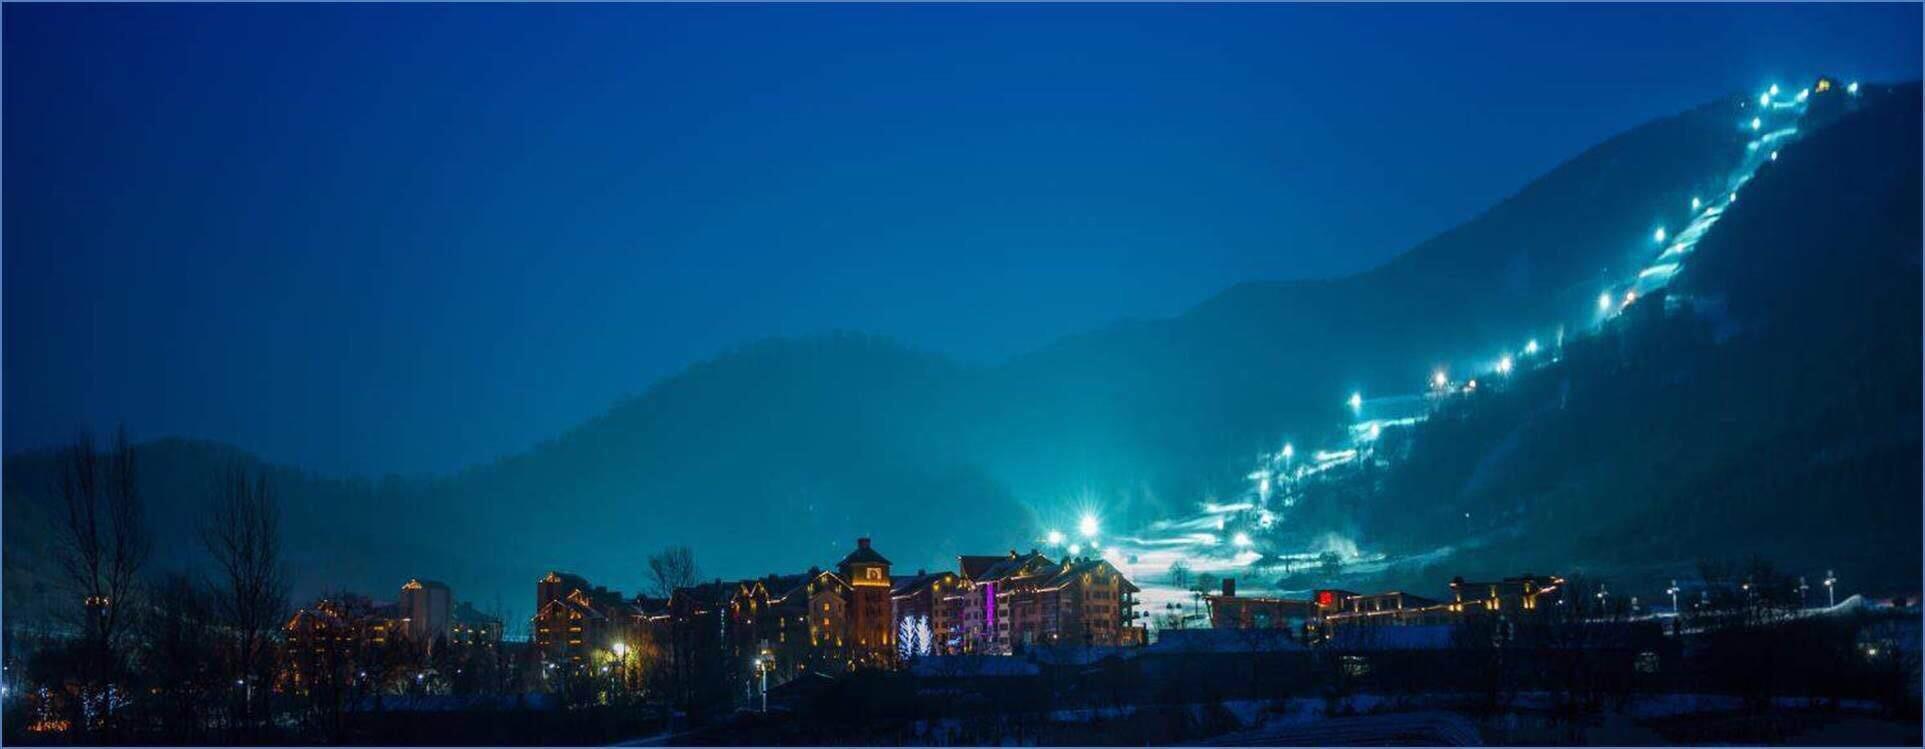 万科松花湖度假区——滑雪场导视系统设计 © 北京图石设计公司